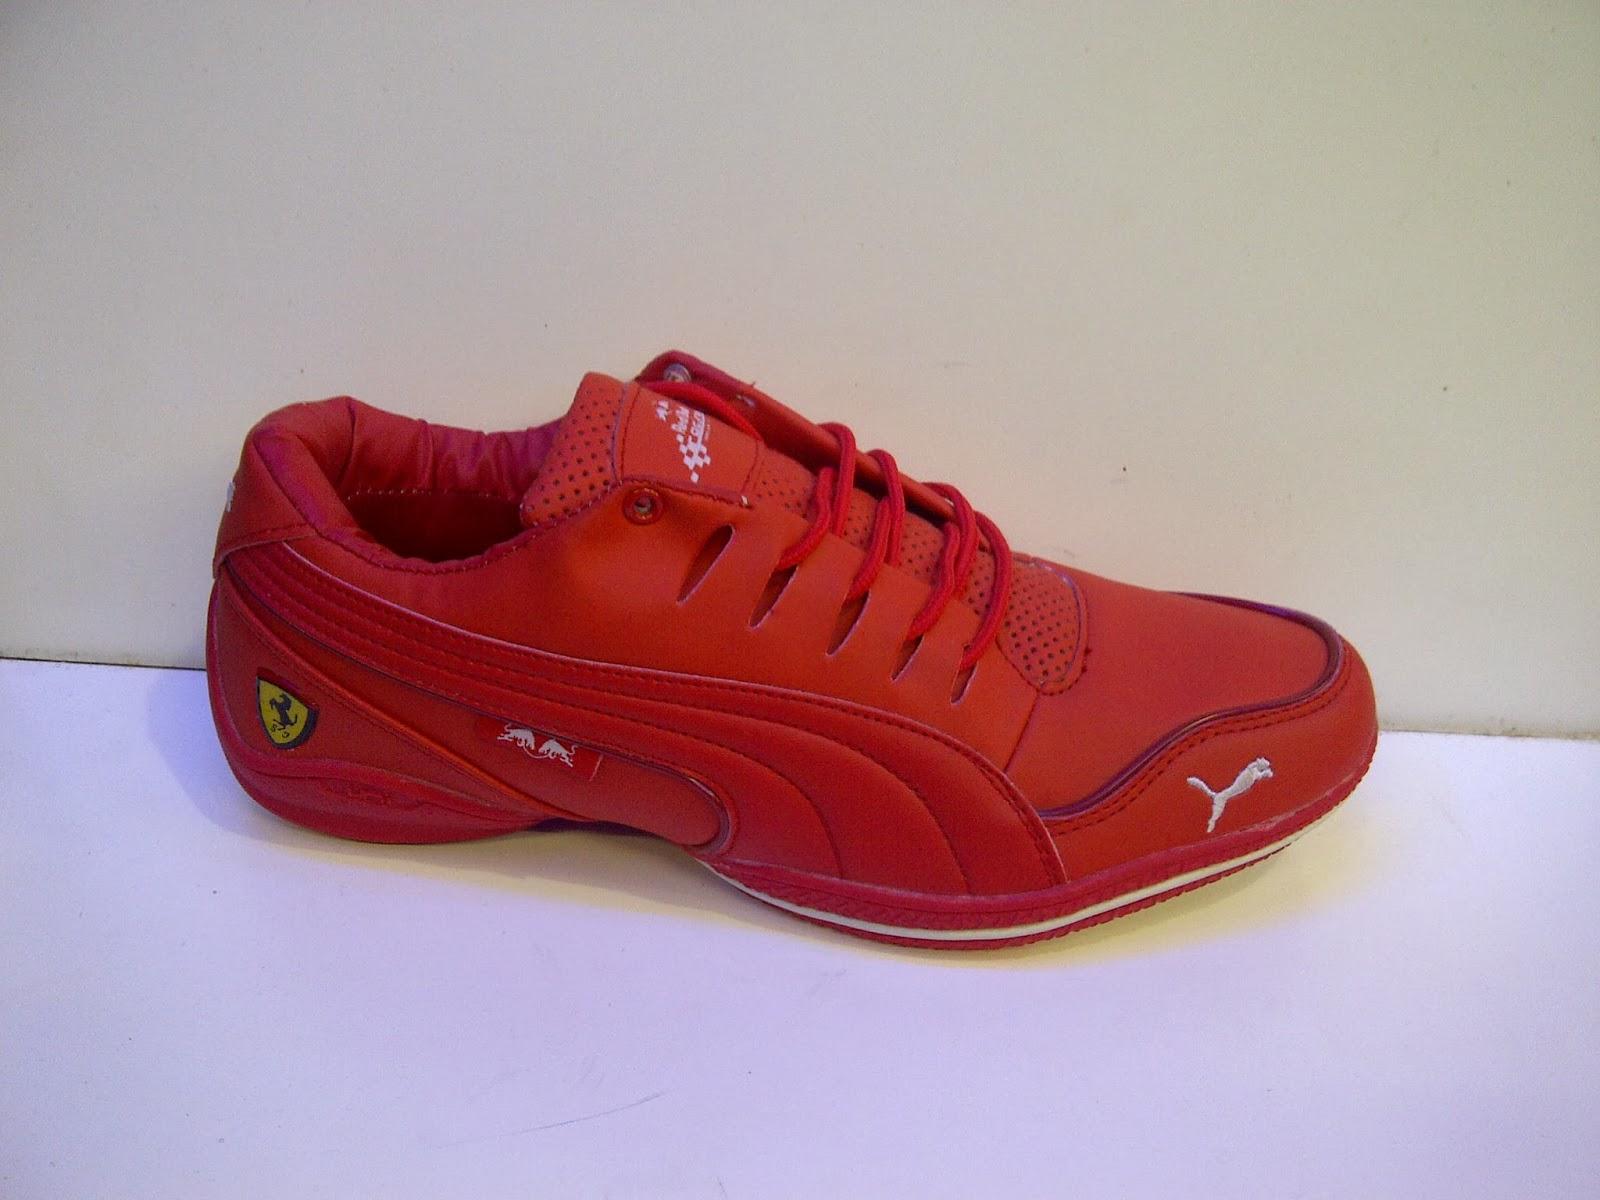 sepatu Puma Ferrari warna merah, sepatu puma merah, puma warna merah, puma ferrari import